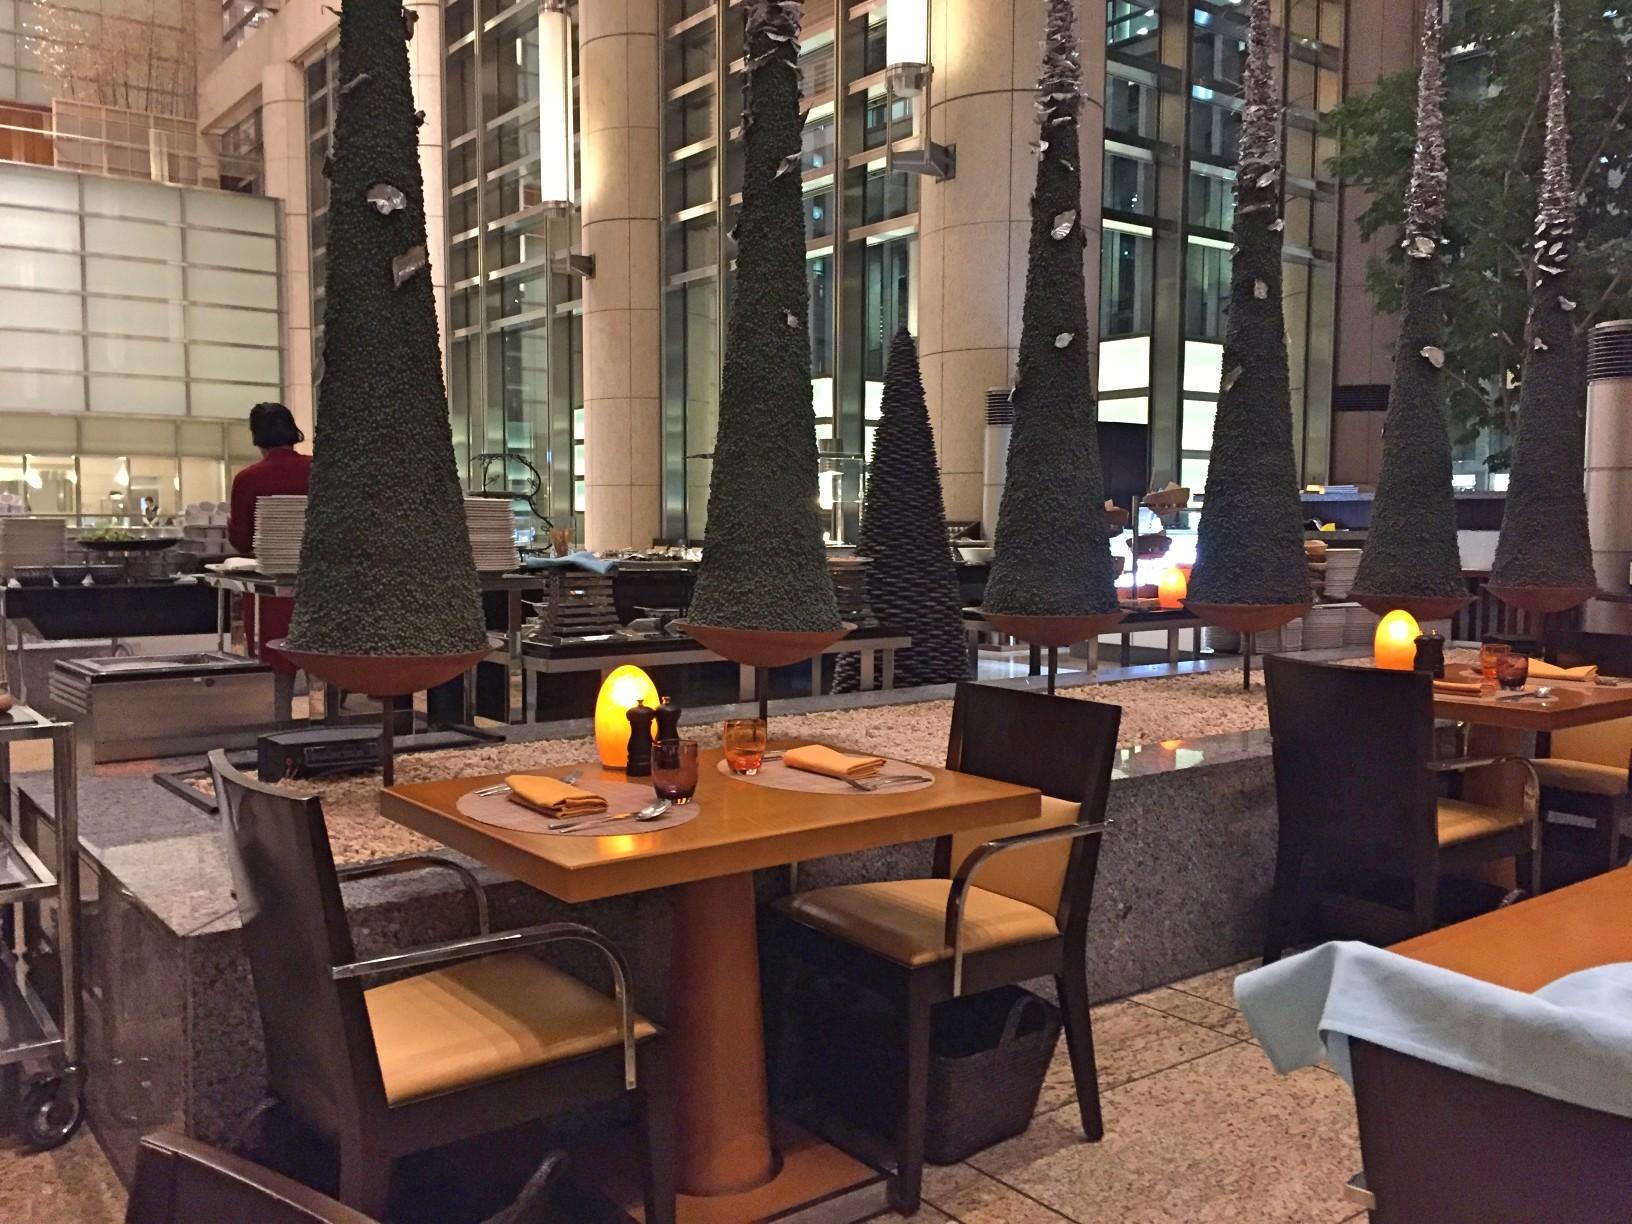 マンダリンオリエンタル東京ヴェンタリオで夕食を食べてみた